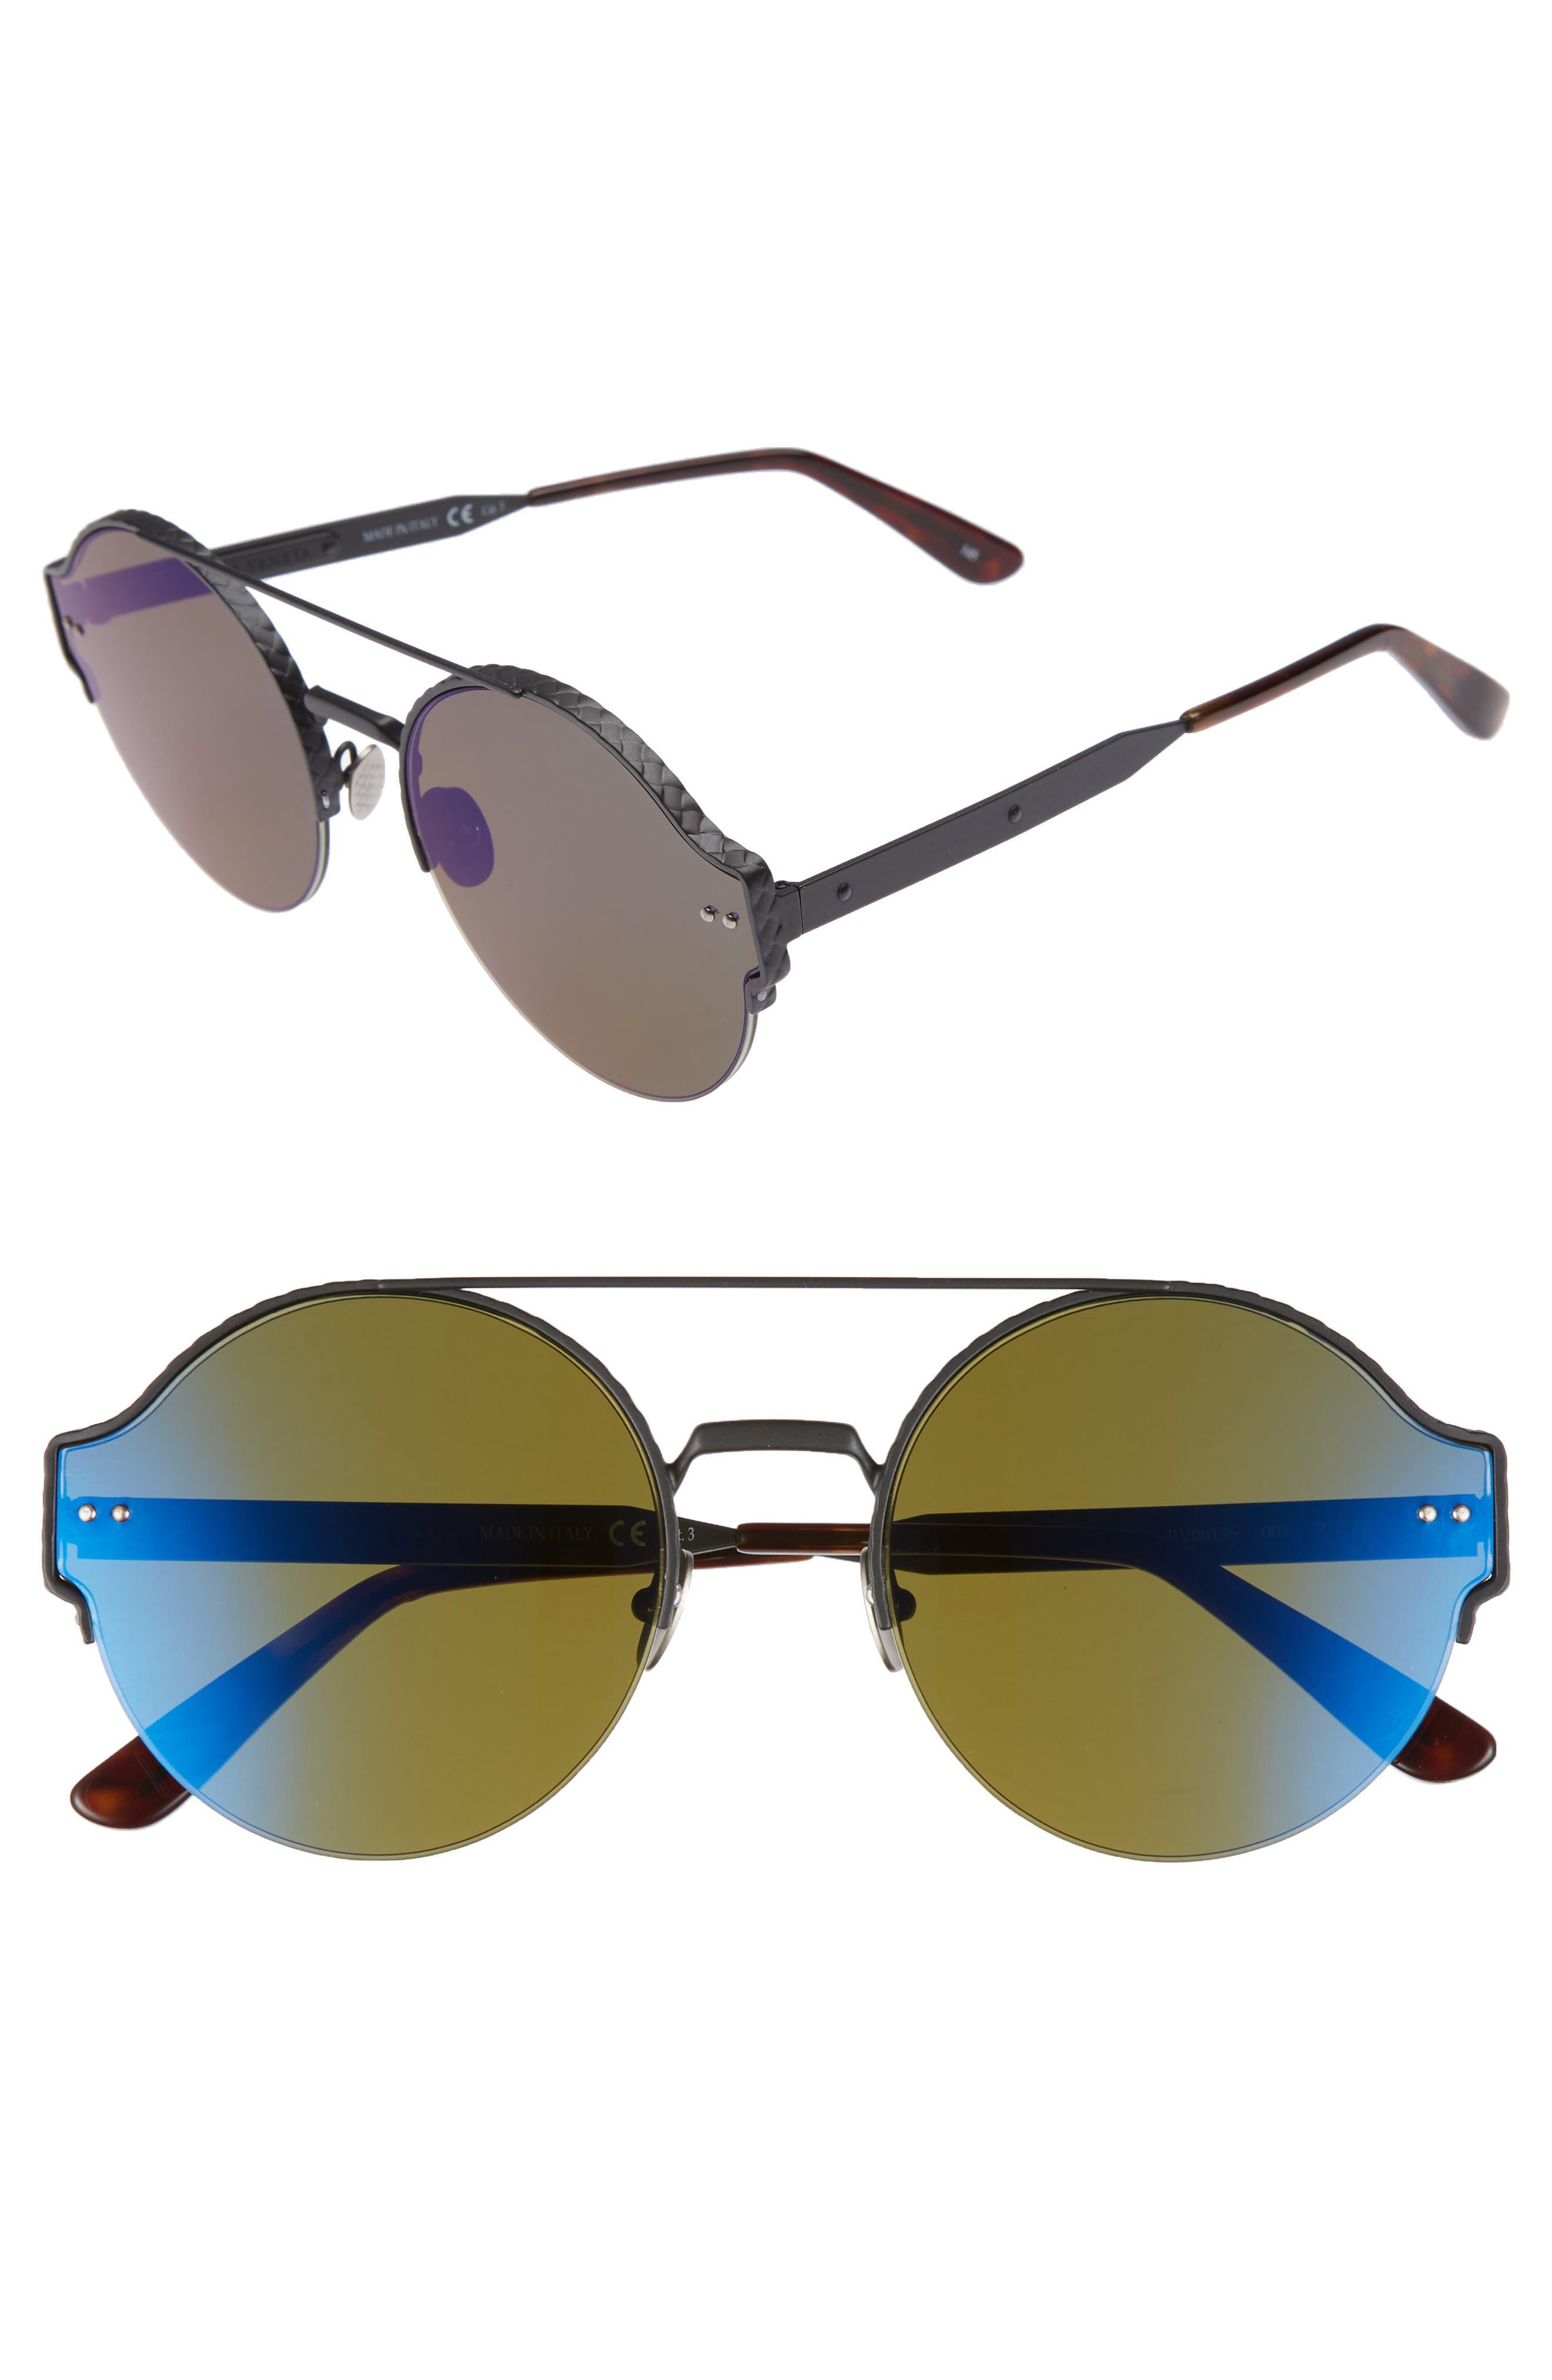 54mm Round Semi-Rimless Sunglasses,                         Main,                         color,